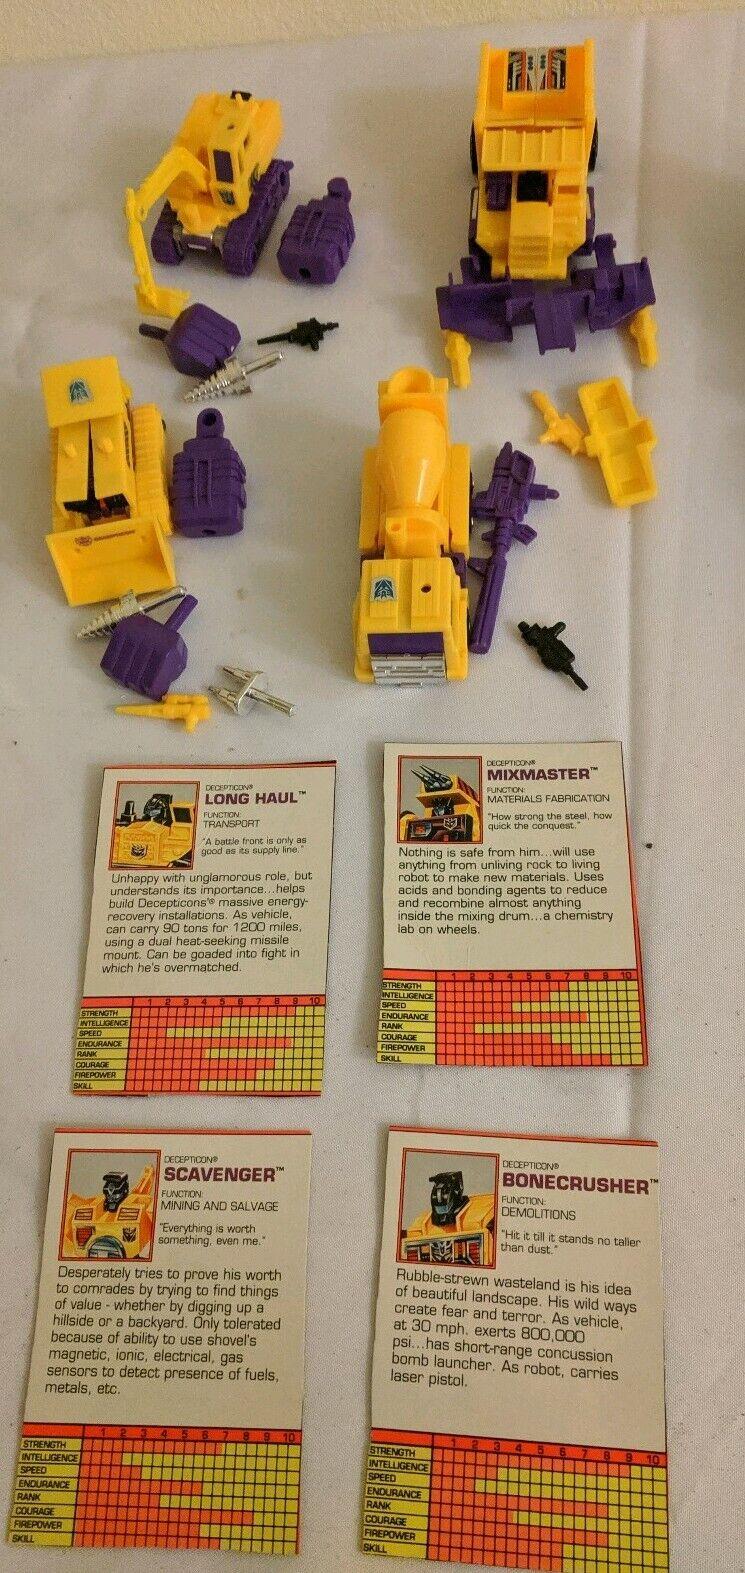 1984 Transformers G1 Constructicon  Devastator Set Almost completare Very Good Cond  ampia selezione